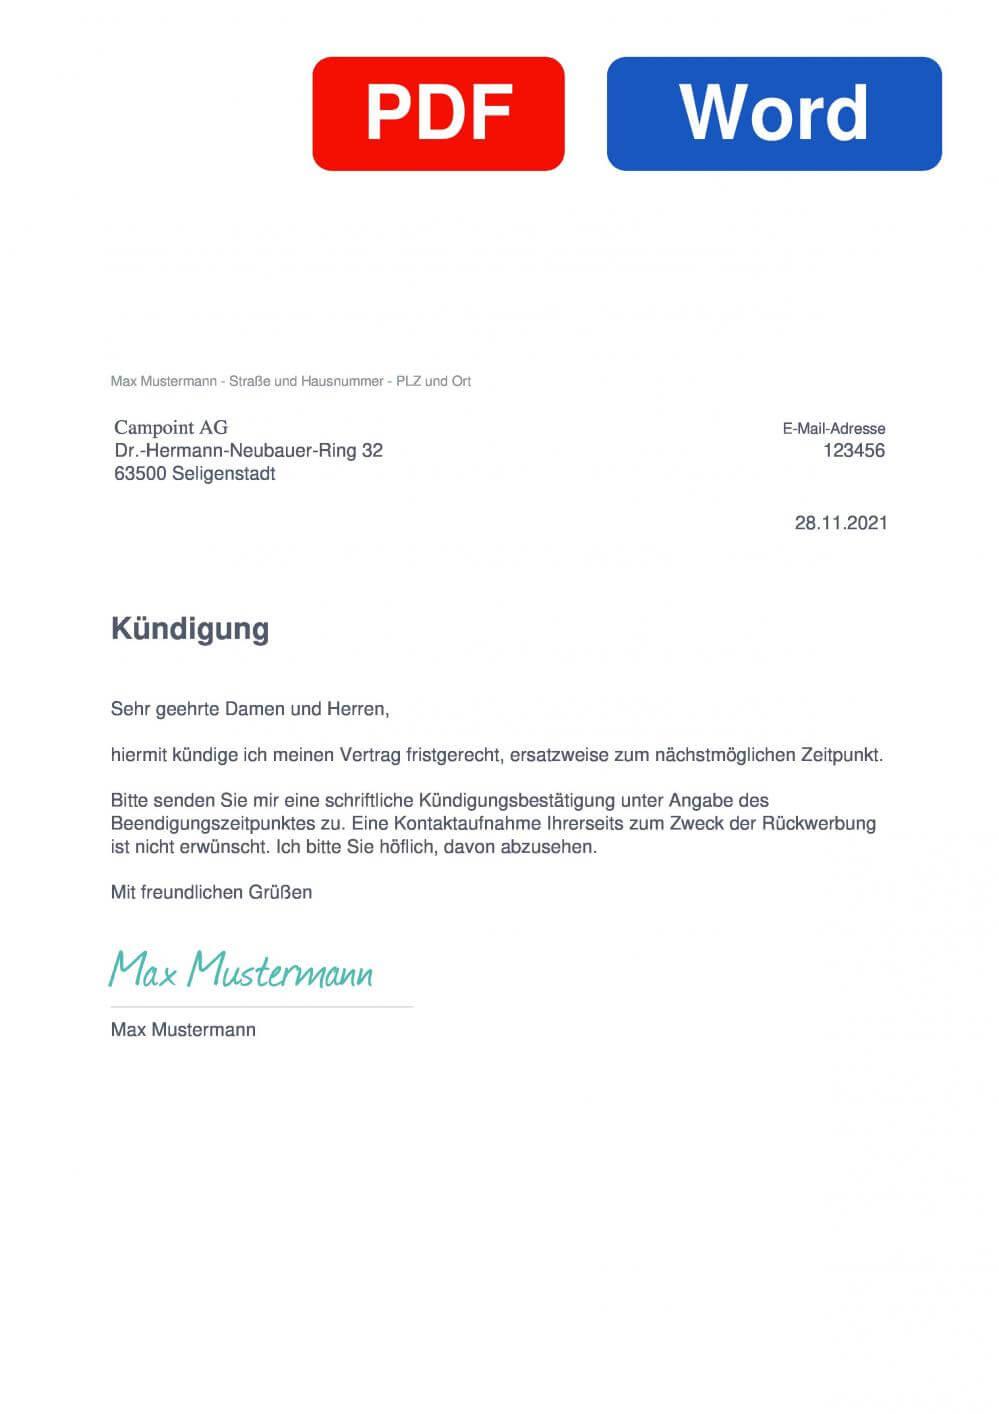 campoint ag Muster Vorlage für Kündigungsschreiben